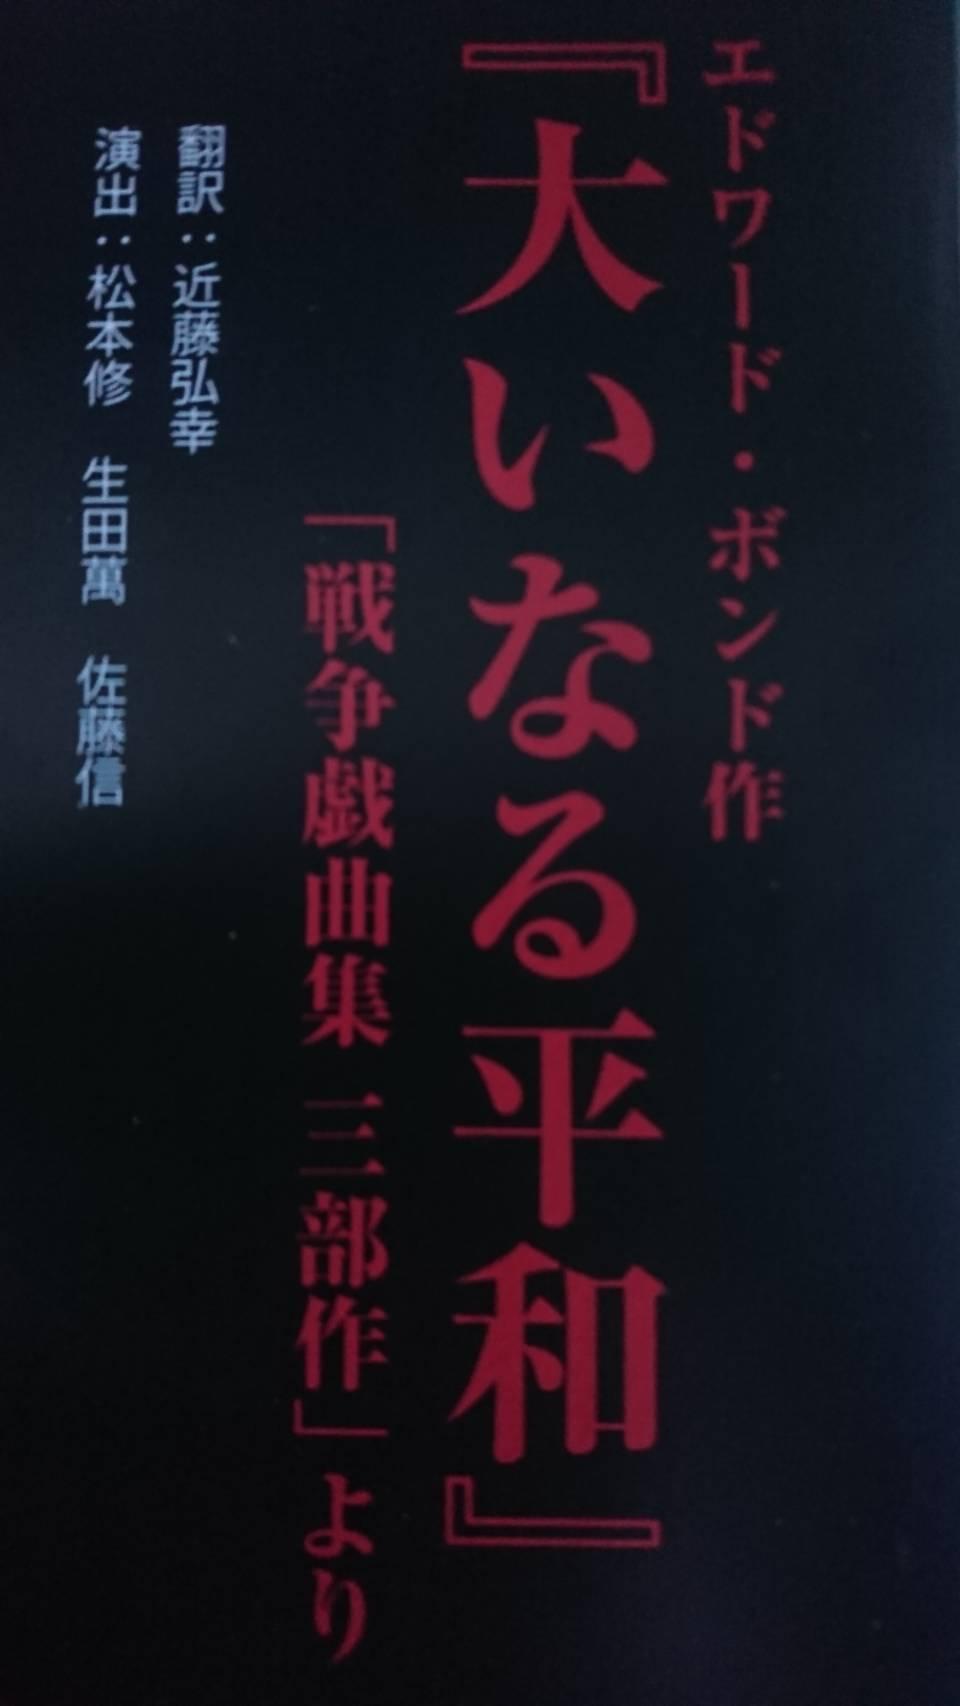 http://karazemi.com/blog/yonezawa1.jpg